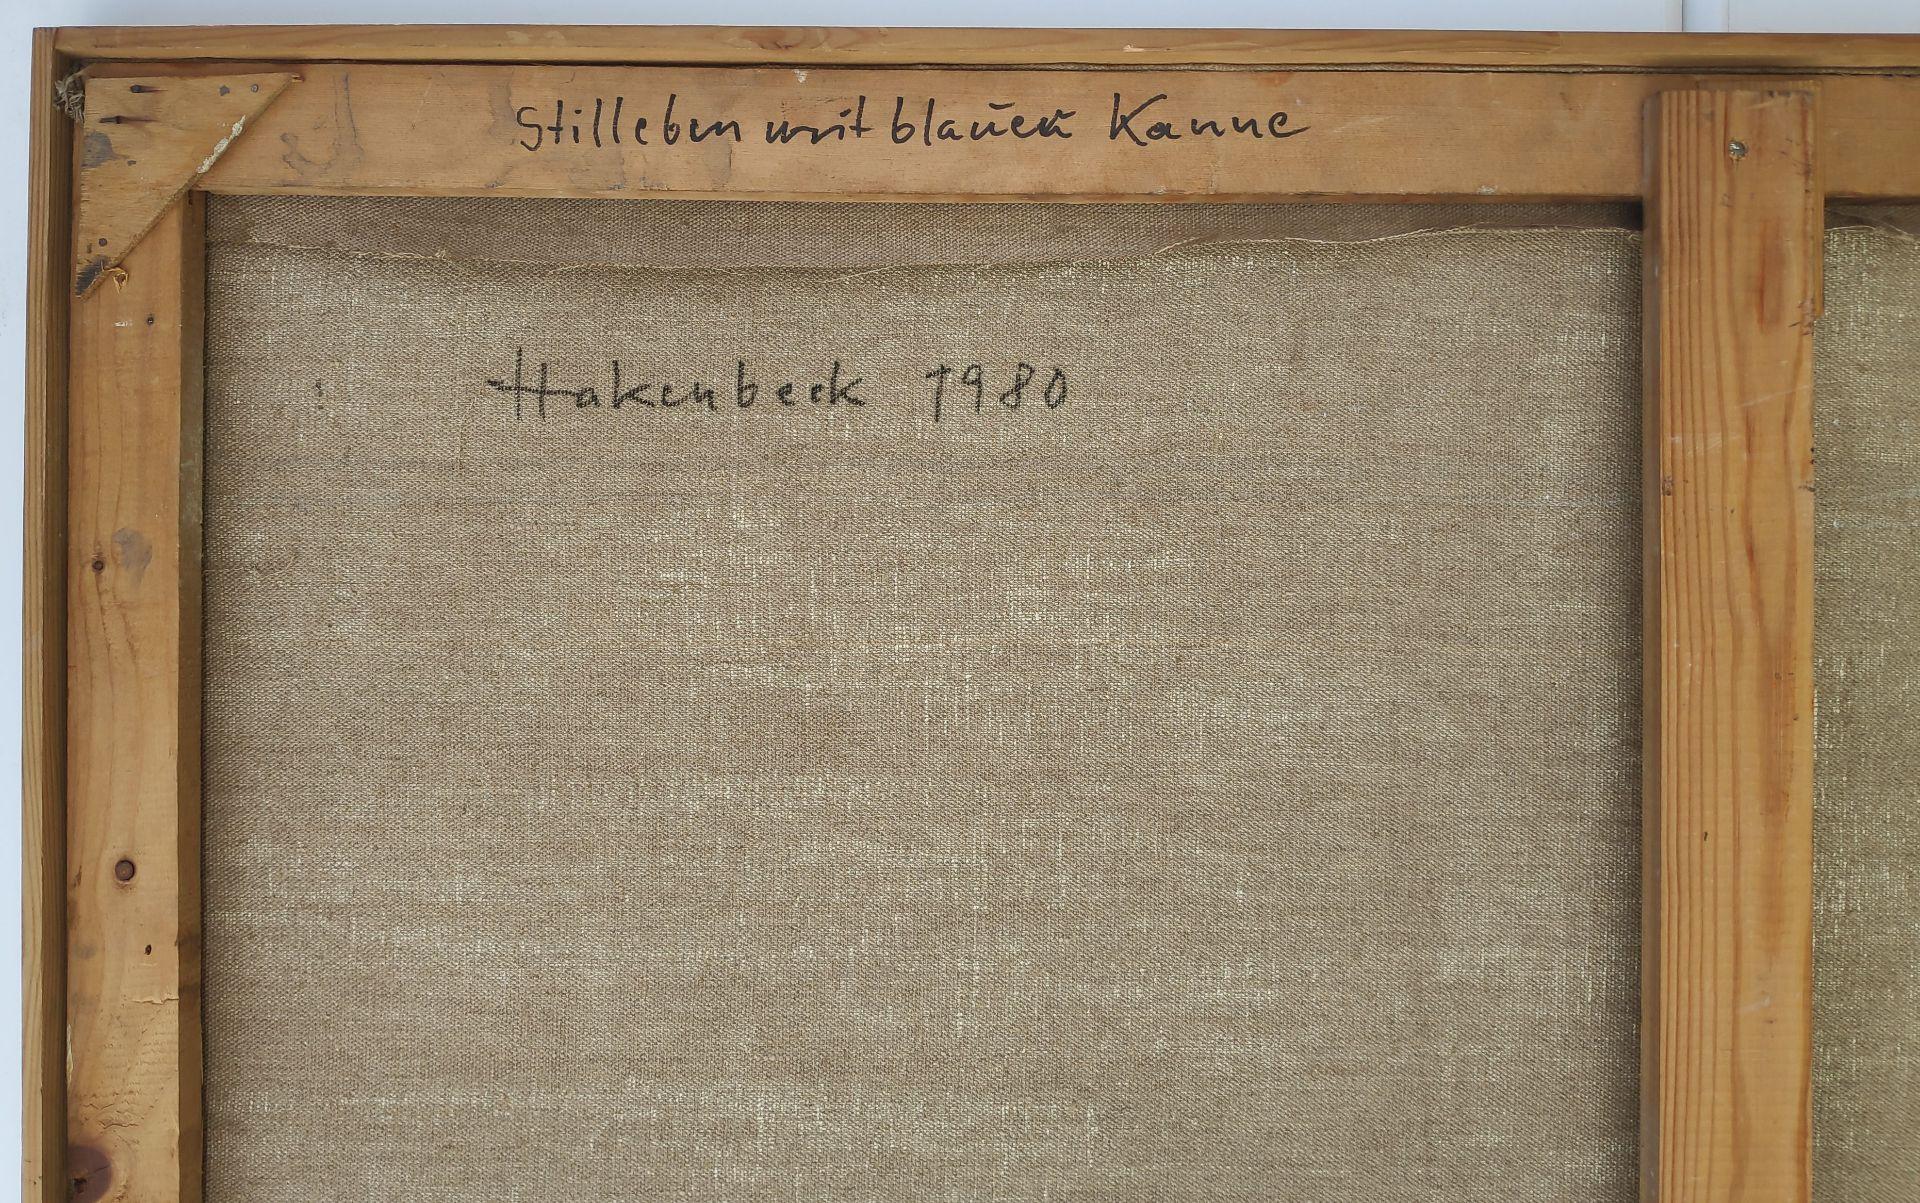 """Hakenbeck, Harald (1926 Stettin, lebt in Berlin) """"Stilleben mit blauer Kanne"""" - Bild 3 aus 3"""